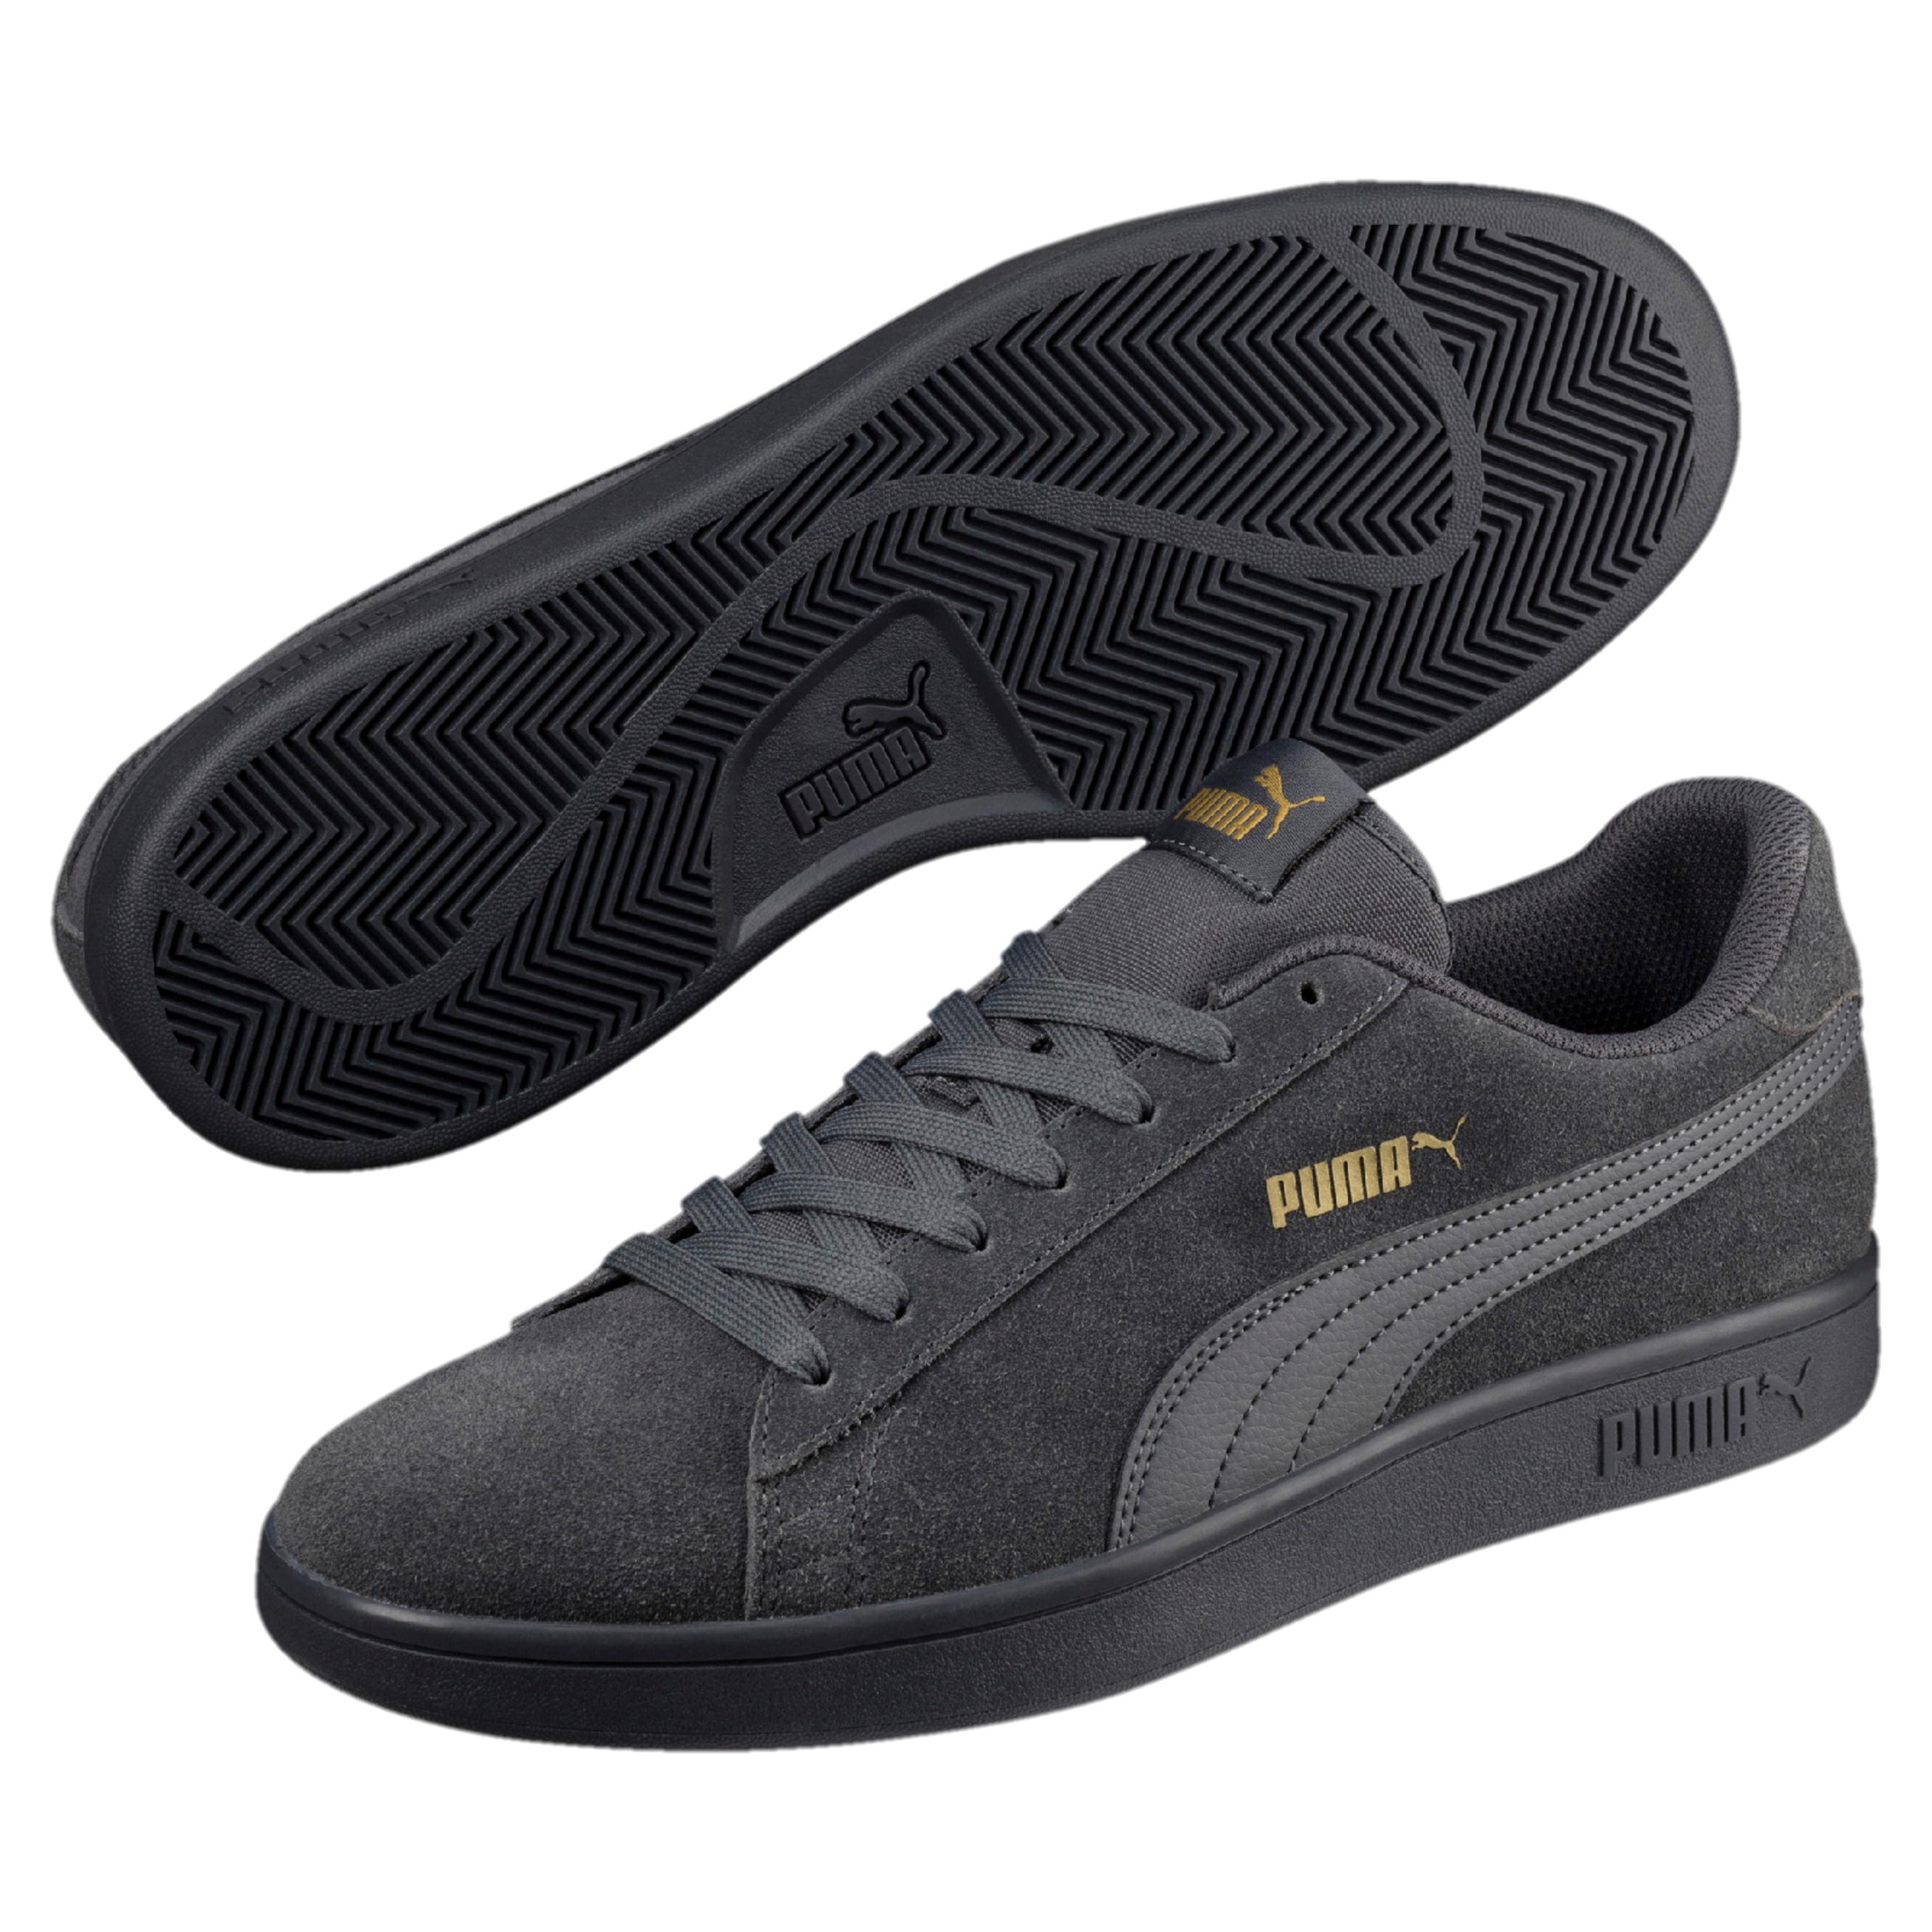 PUMA Schuhe jetzt online reservieren und vor Ort kaufen